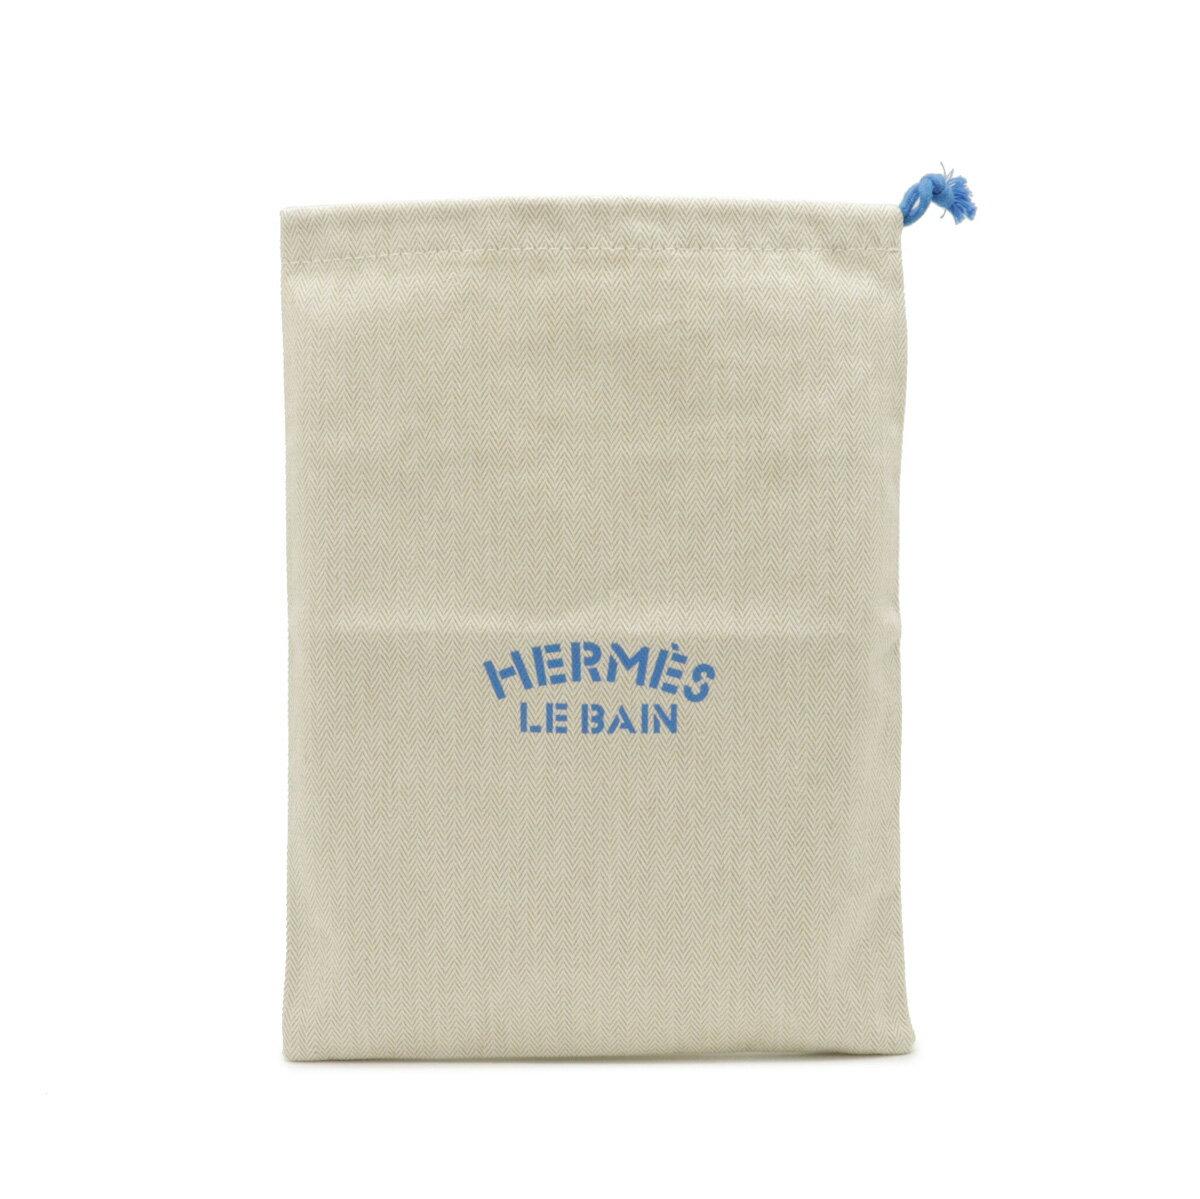 HERMES Dust Bag HERMES LE BAIN